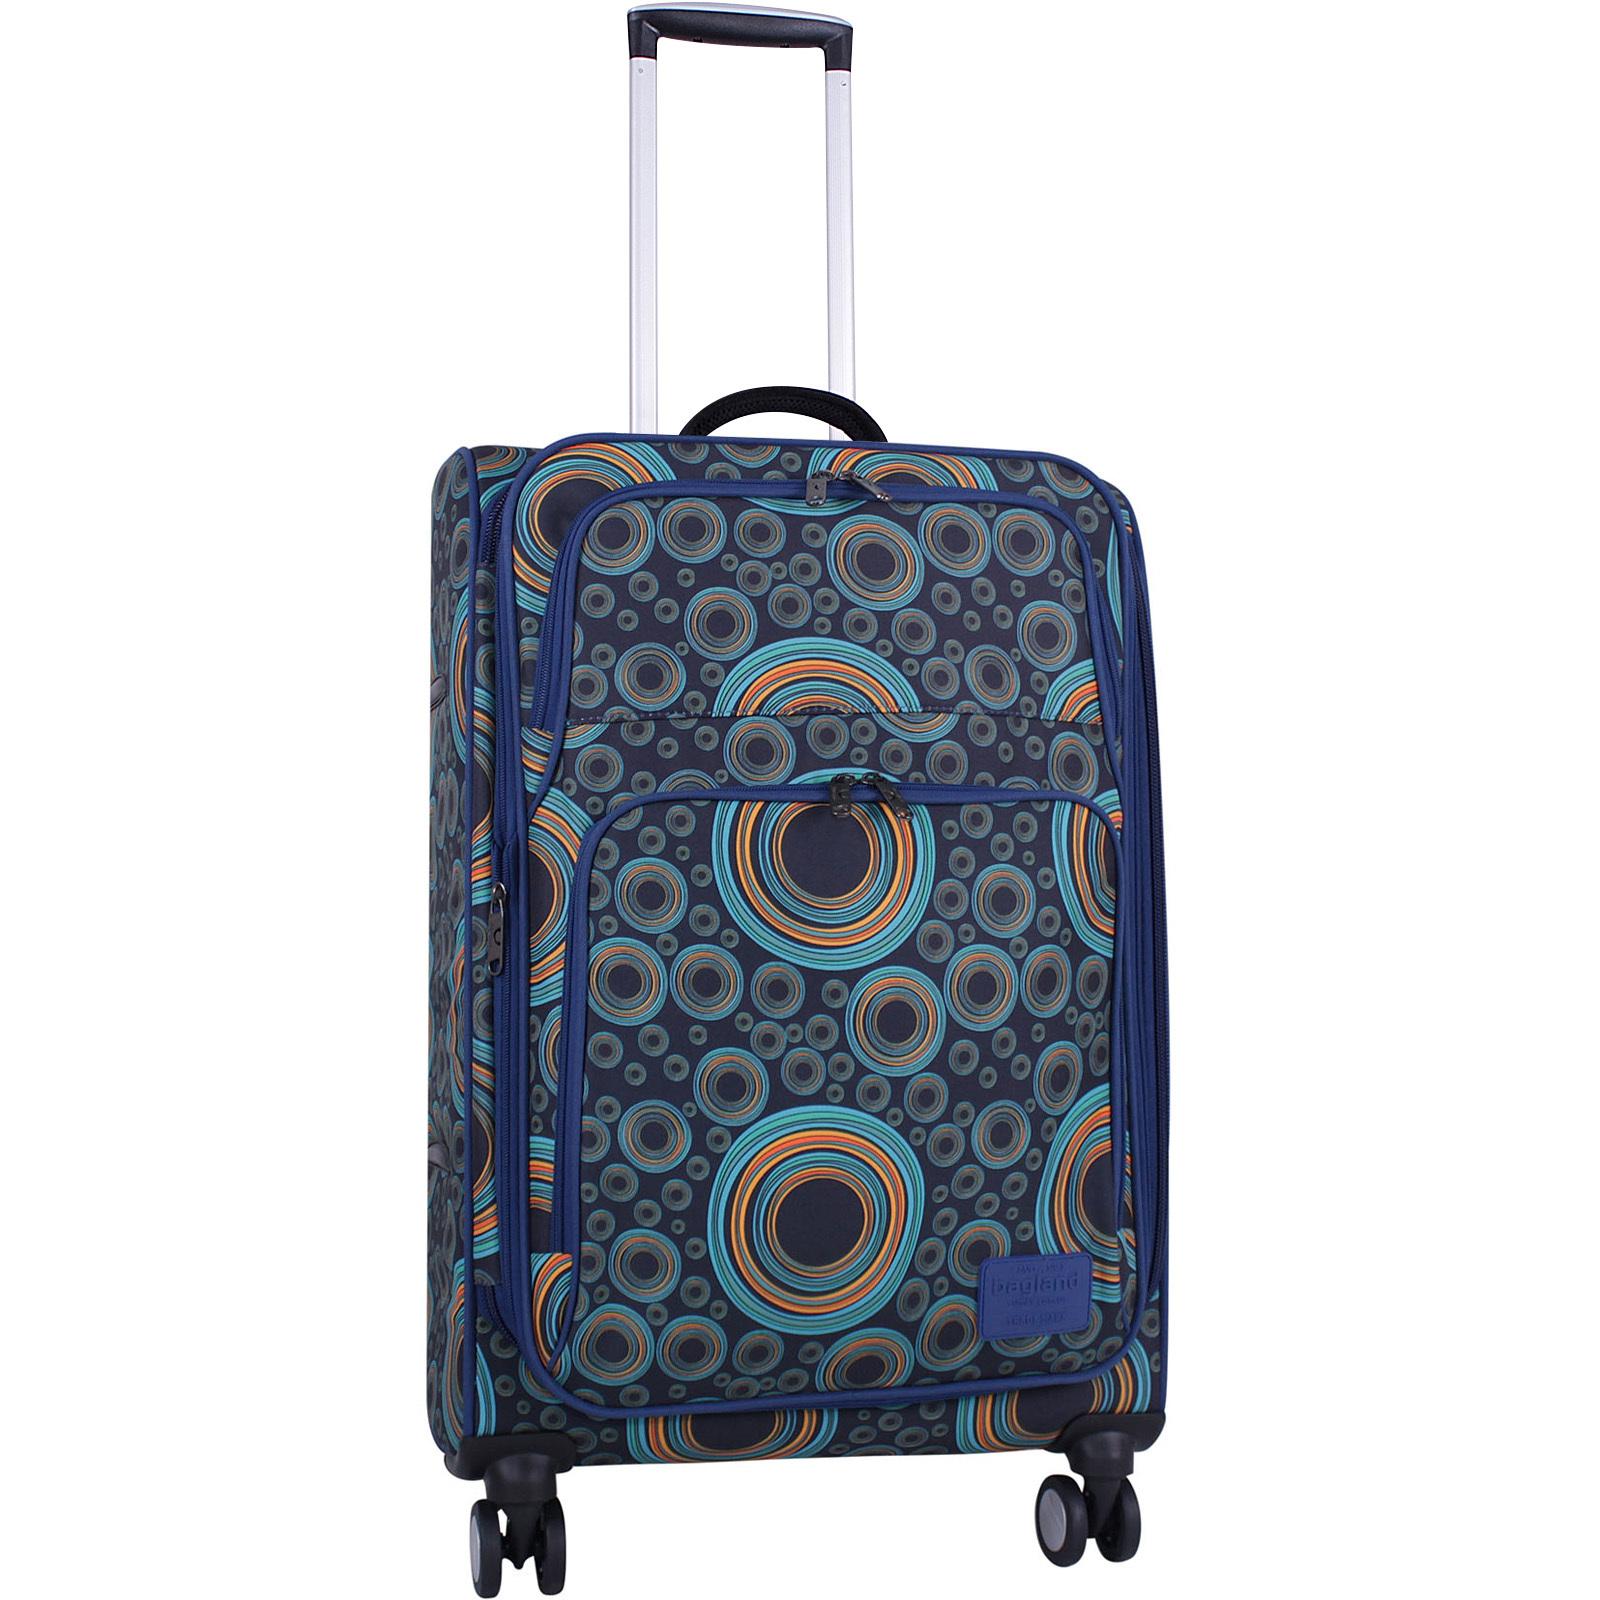 Дорожные чемоданы Чемодан Bagland Валенсия средний дизайн 63 л. сублимация 654 (0037966244) IMG_6636_суб654_-1600.jpg